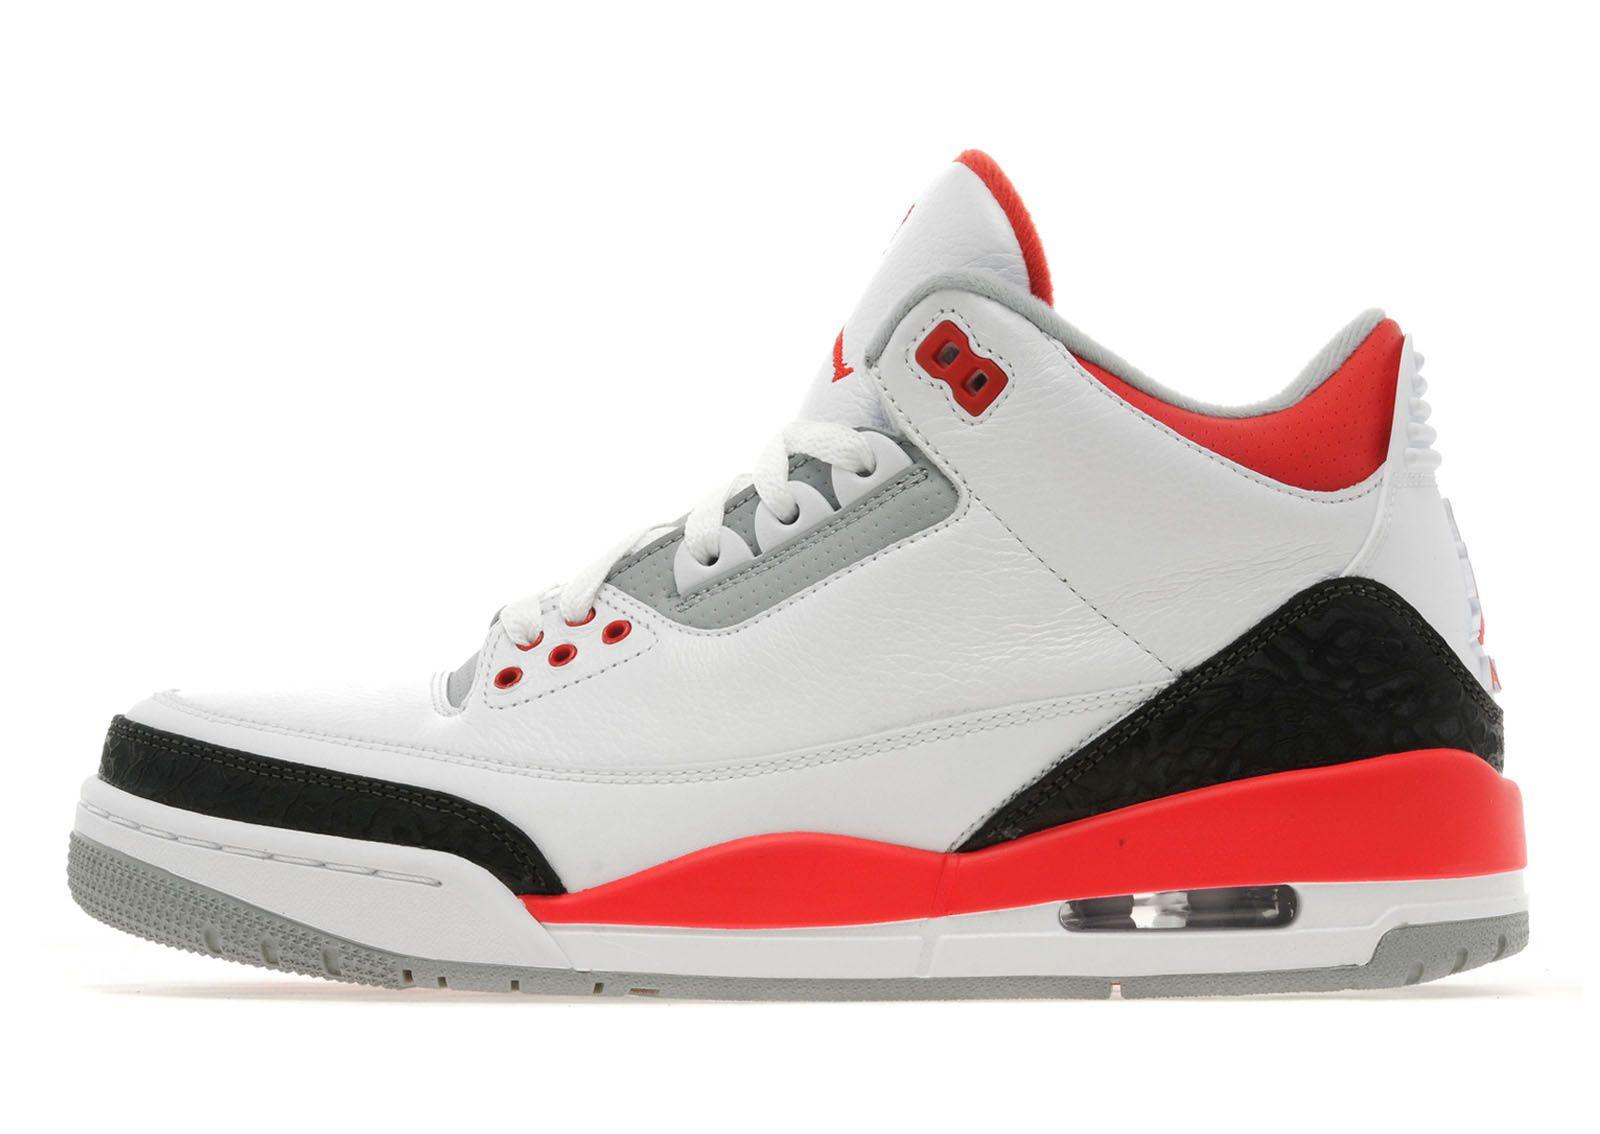 Jordan III 'Fire Red'